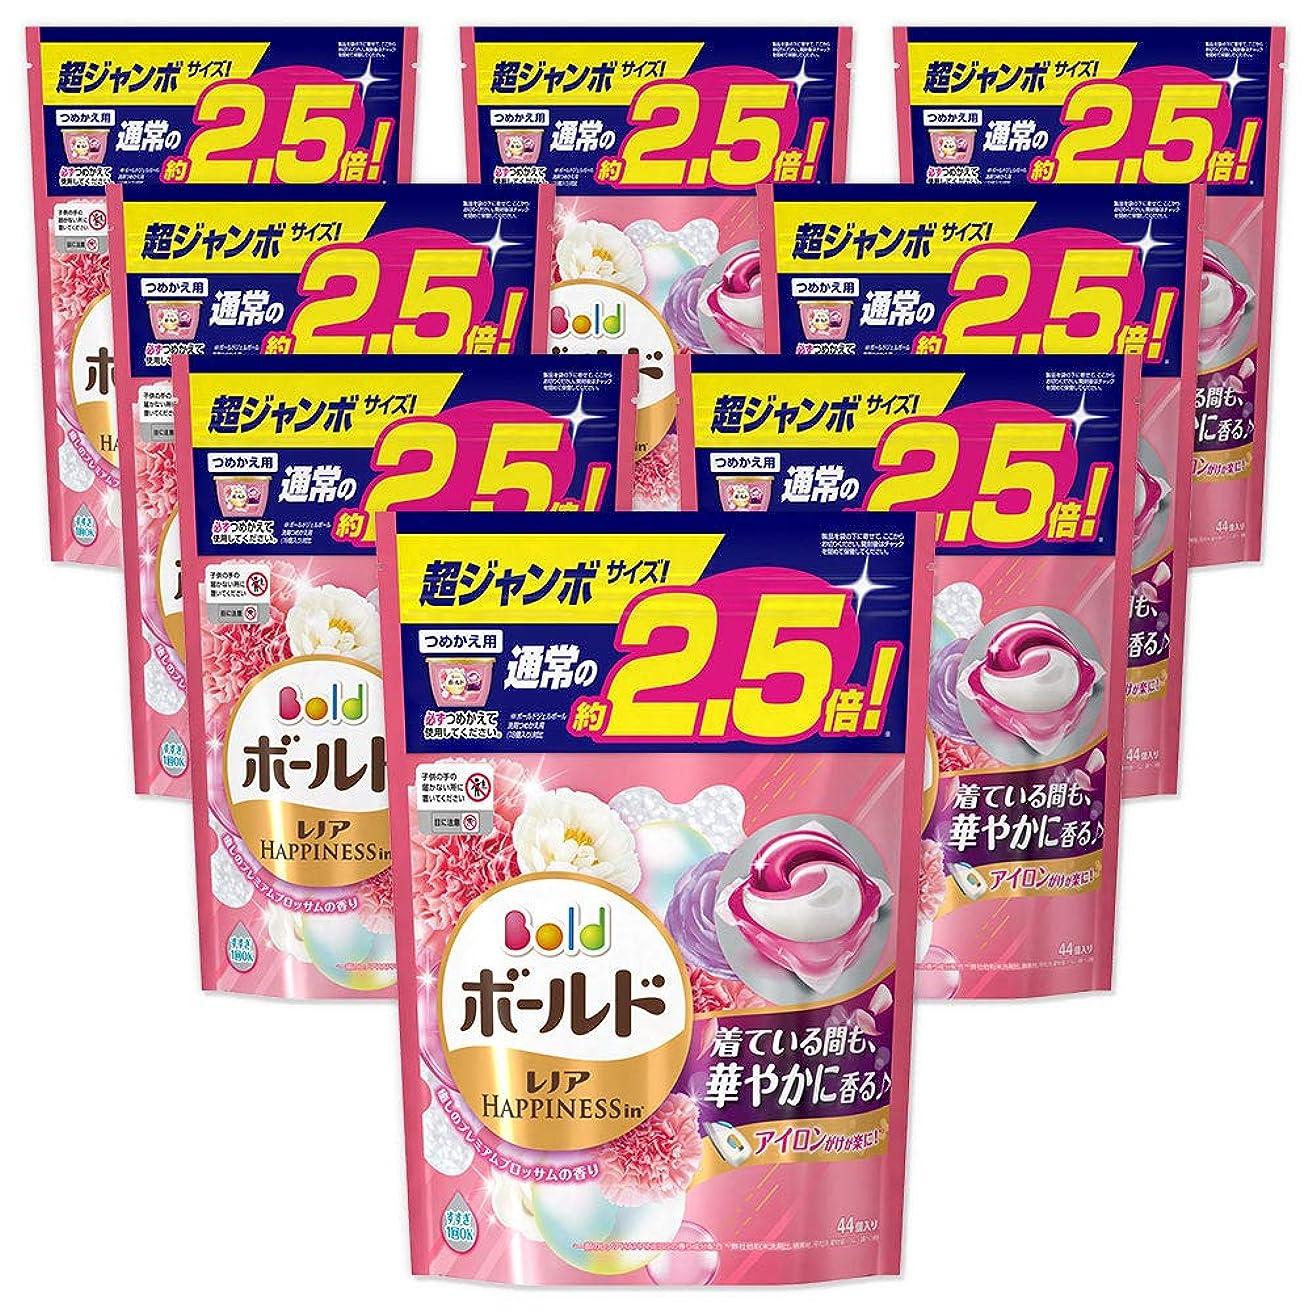 悲しむ祝うマカダム【ケース販売】 ボールド 洗濯洗剤 ジェルボール3D 癒しのプレミアムブロッサムの香り 詰め替え 超ジャンボ 44個入×8個